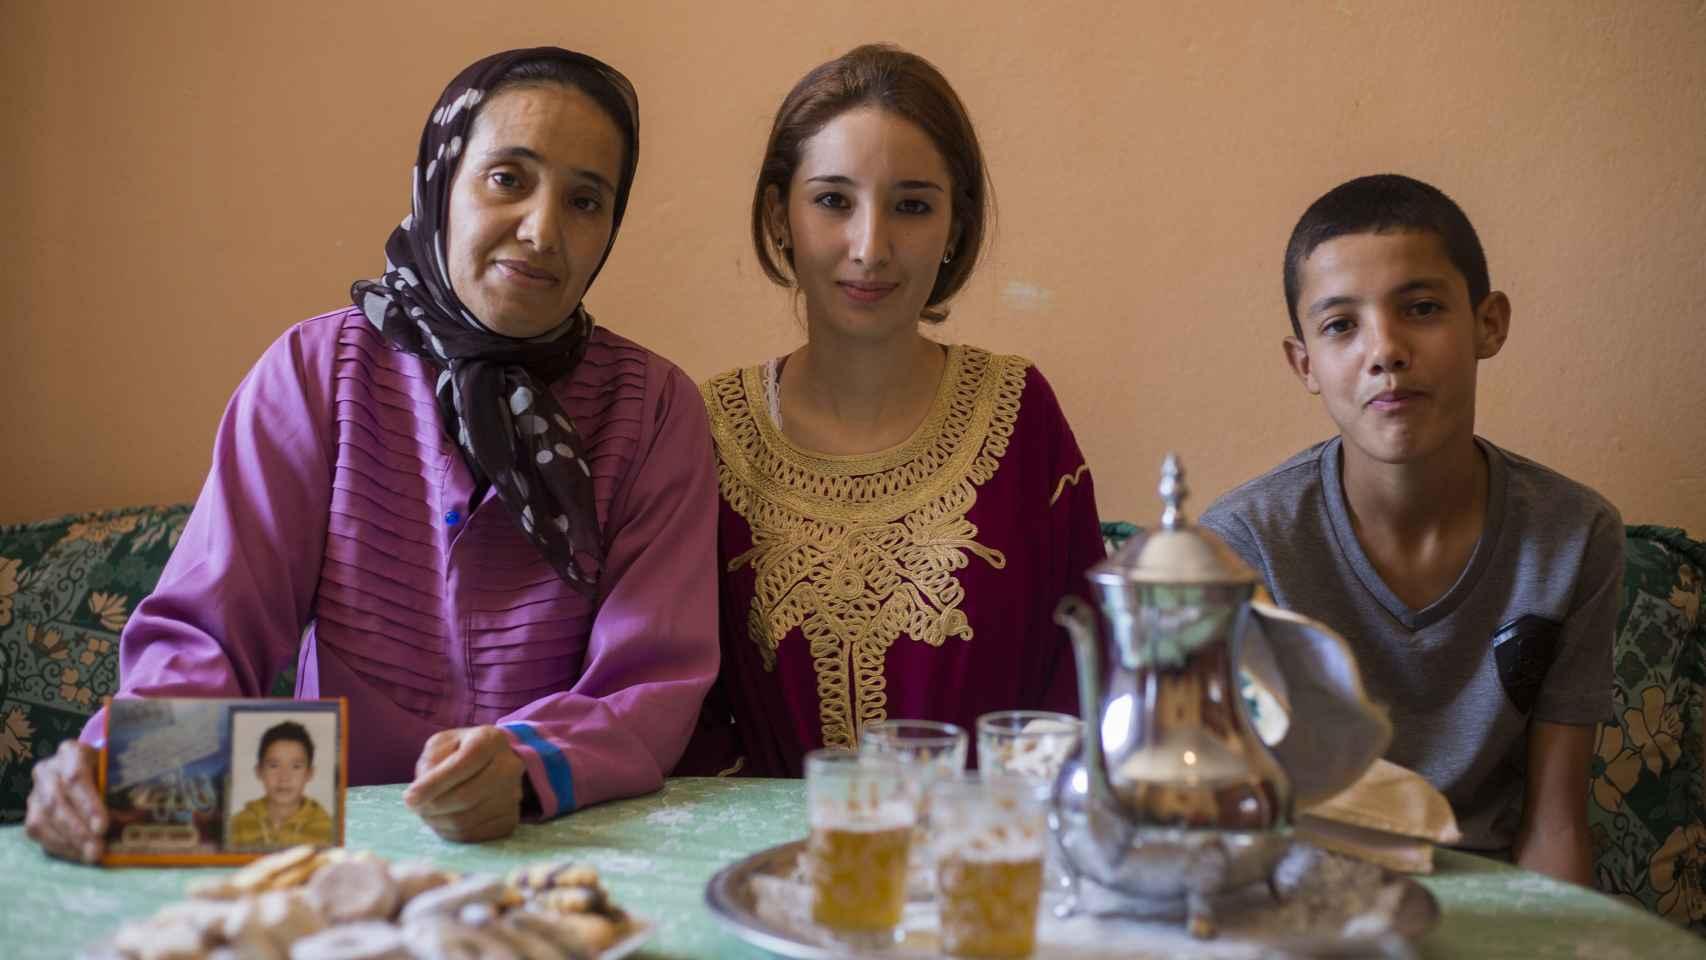 La madre de Ilyass, junto a sus otros dos hijos.